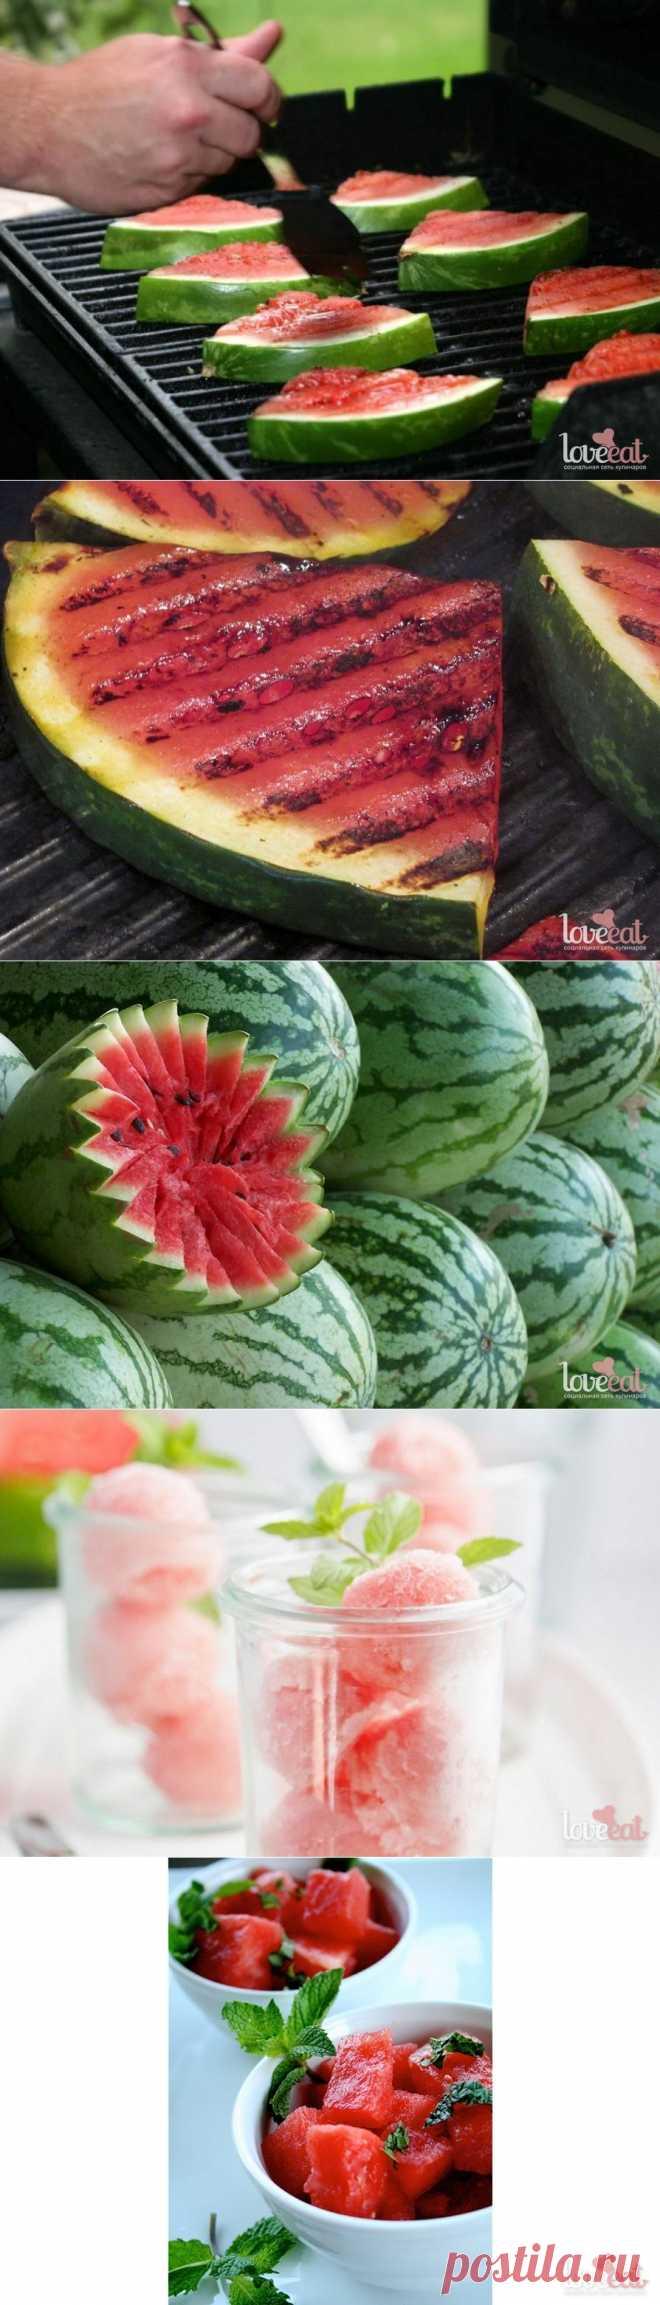 Блюда из арбуза - Loveeat - социальная сеть кулинаров